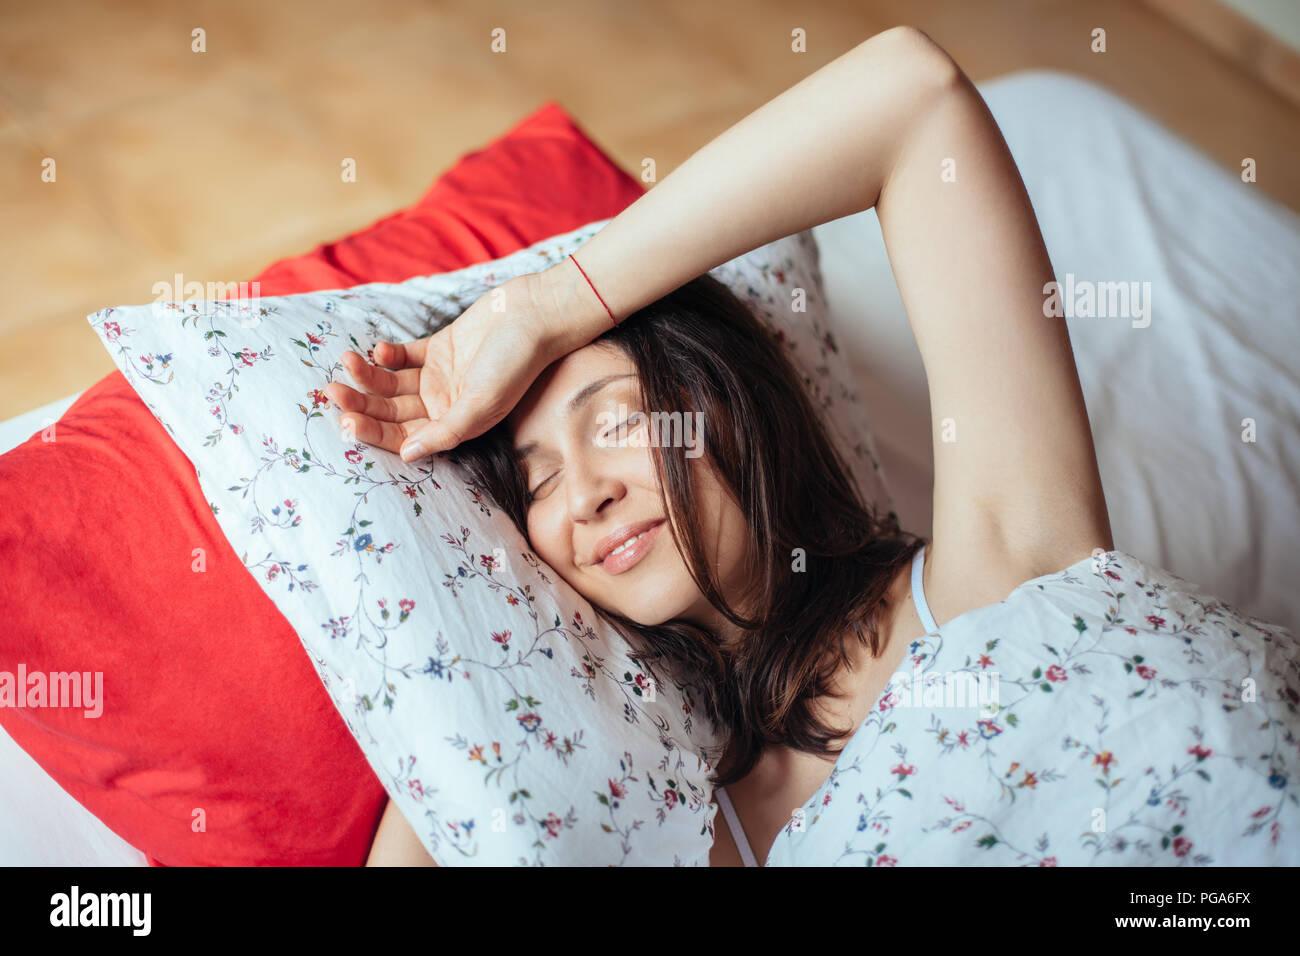 Young woman smiling tout en dormant dans son lit à la maison. Relax concept Photo Stock